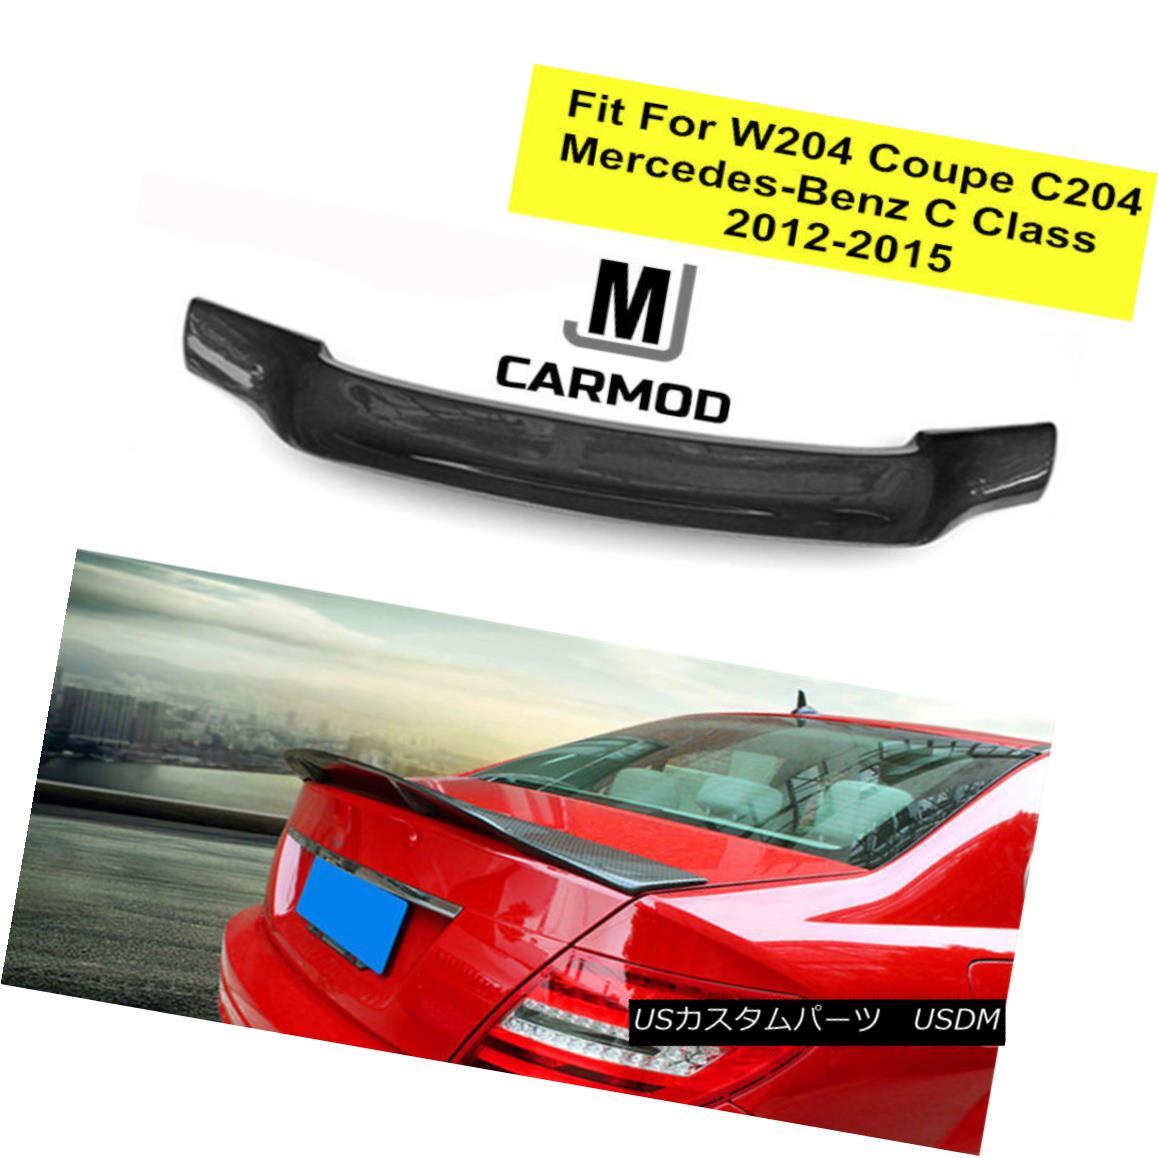 エアロパーツ Fit For Mercedes Benz C204 W204 Coupe C63 R-Type Carbon Fiber Lip Trunk Spoiler メルセデスベンツC204 W204クーペC63 Rタイプカーボンファイバーリップトランク・スポイラー